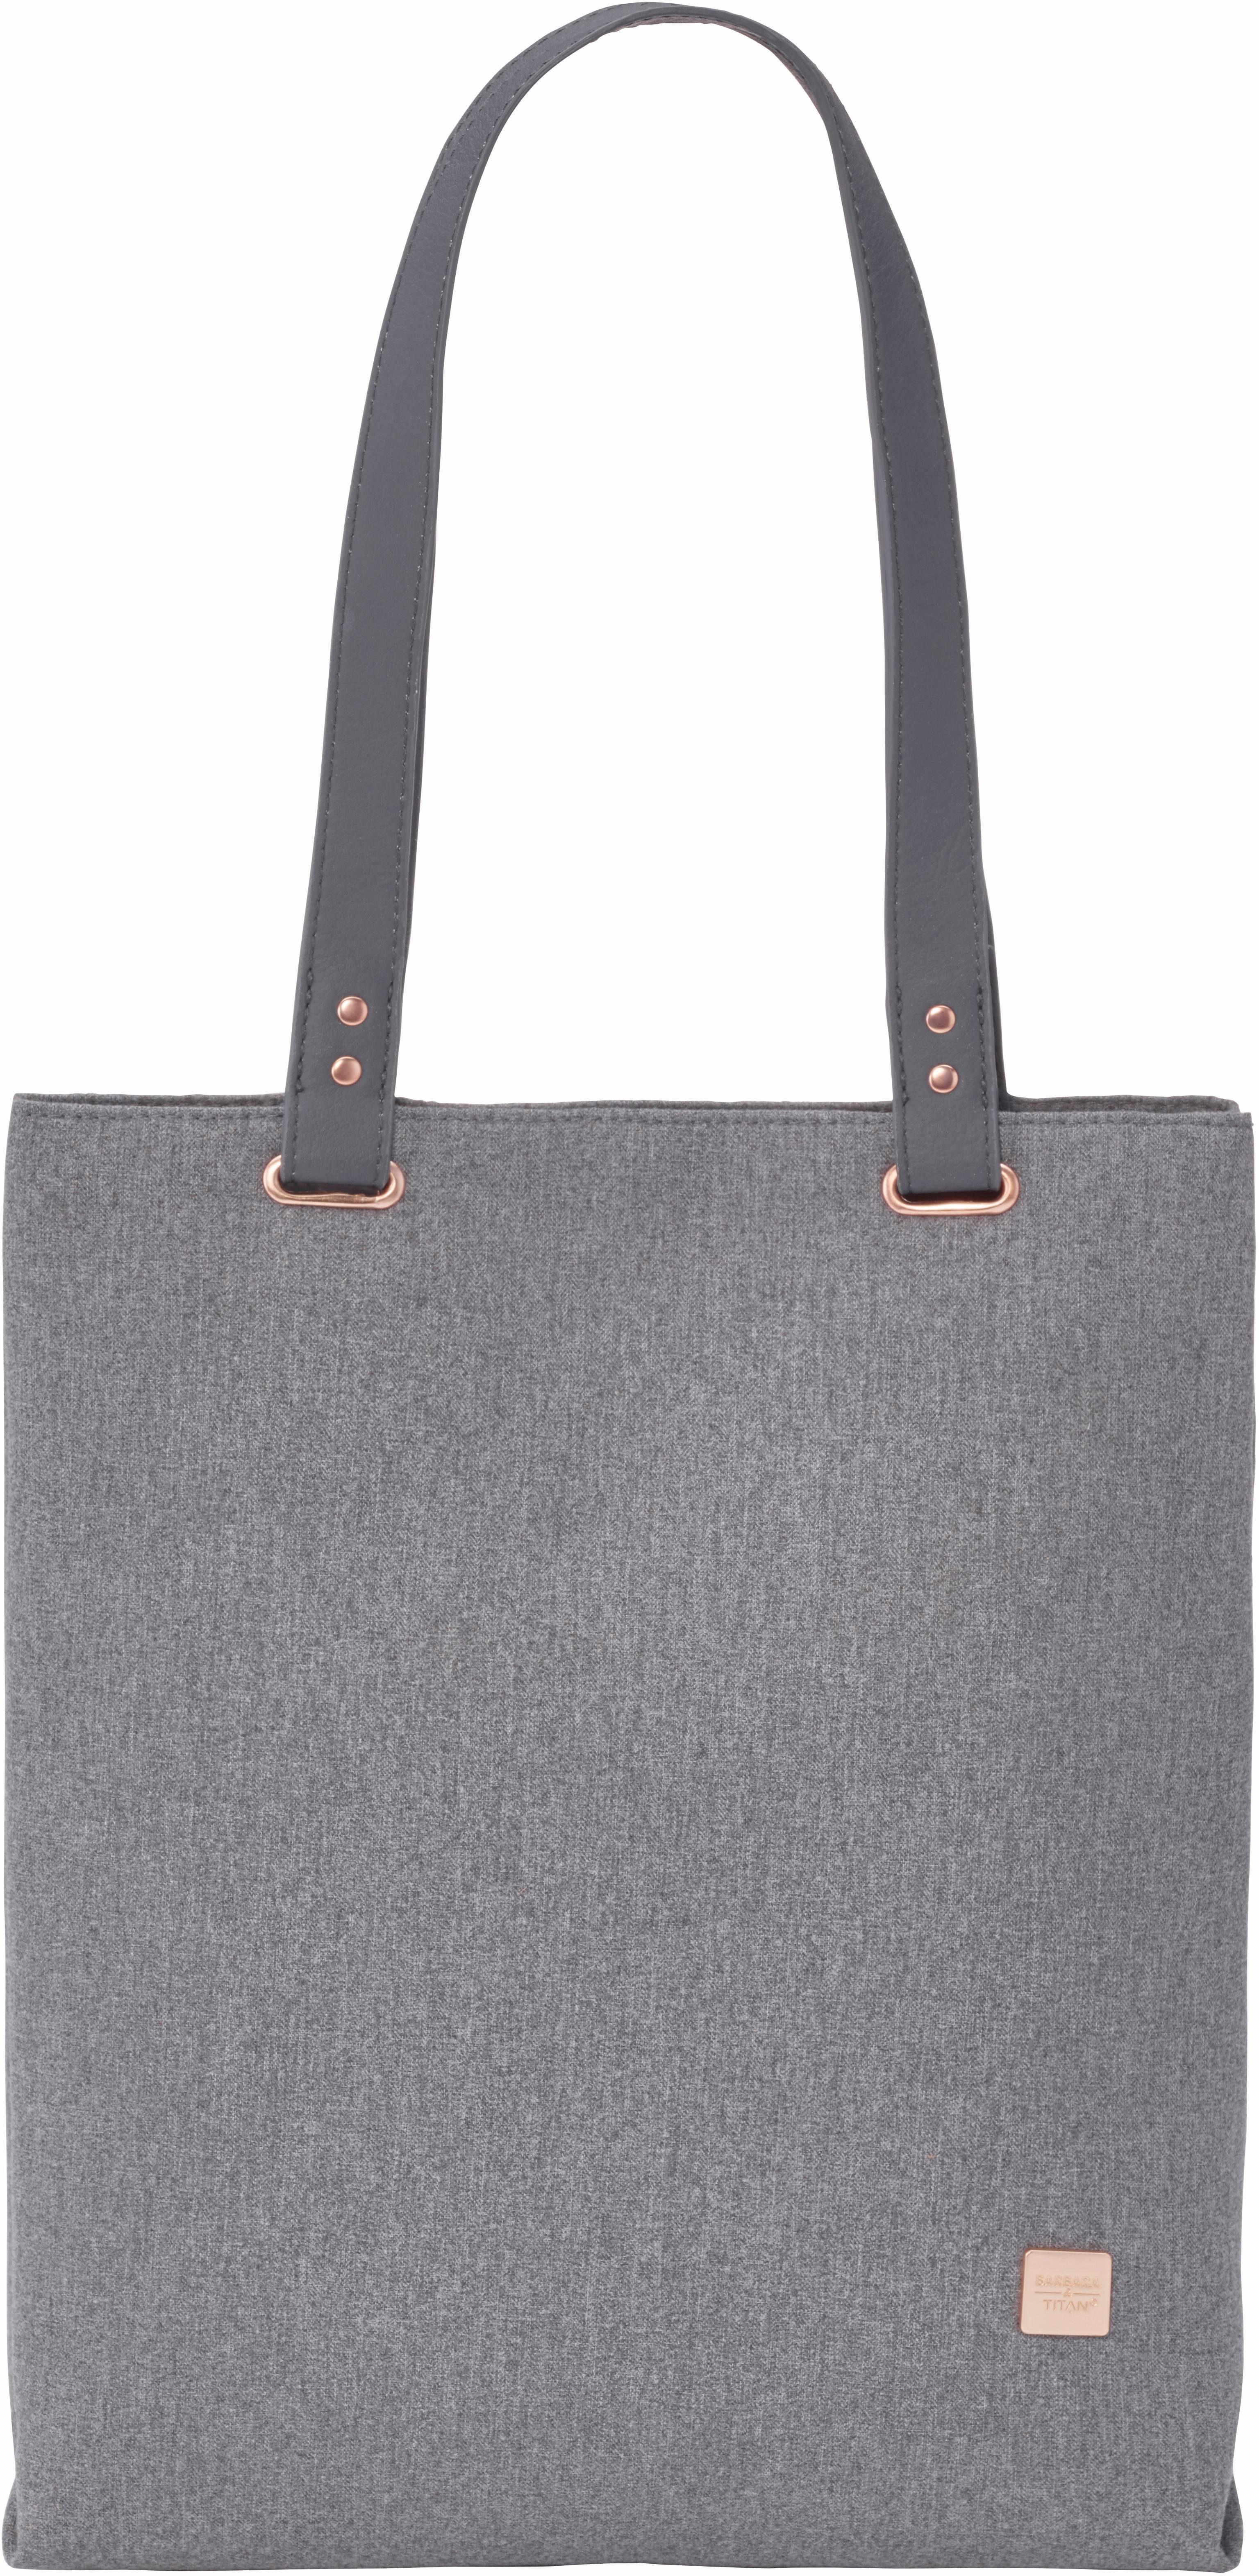 Büro & Schreibwaren Reisekoffer & -taschen Titan Barbara Backpack Rucksack Laptoptasche Tasche Grey Grau Neu